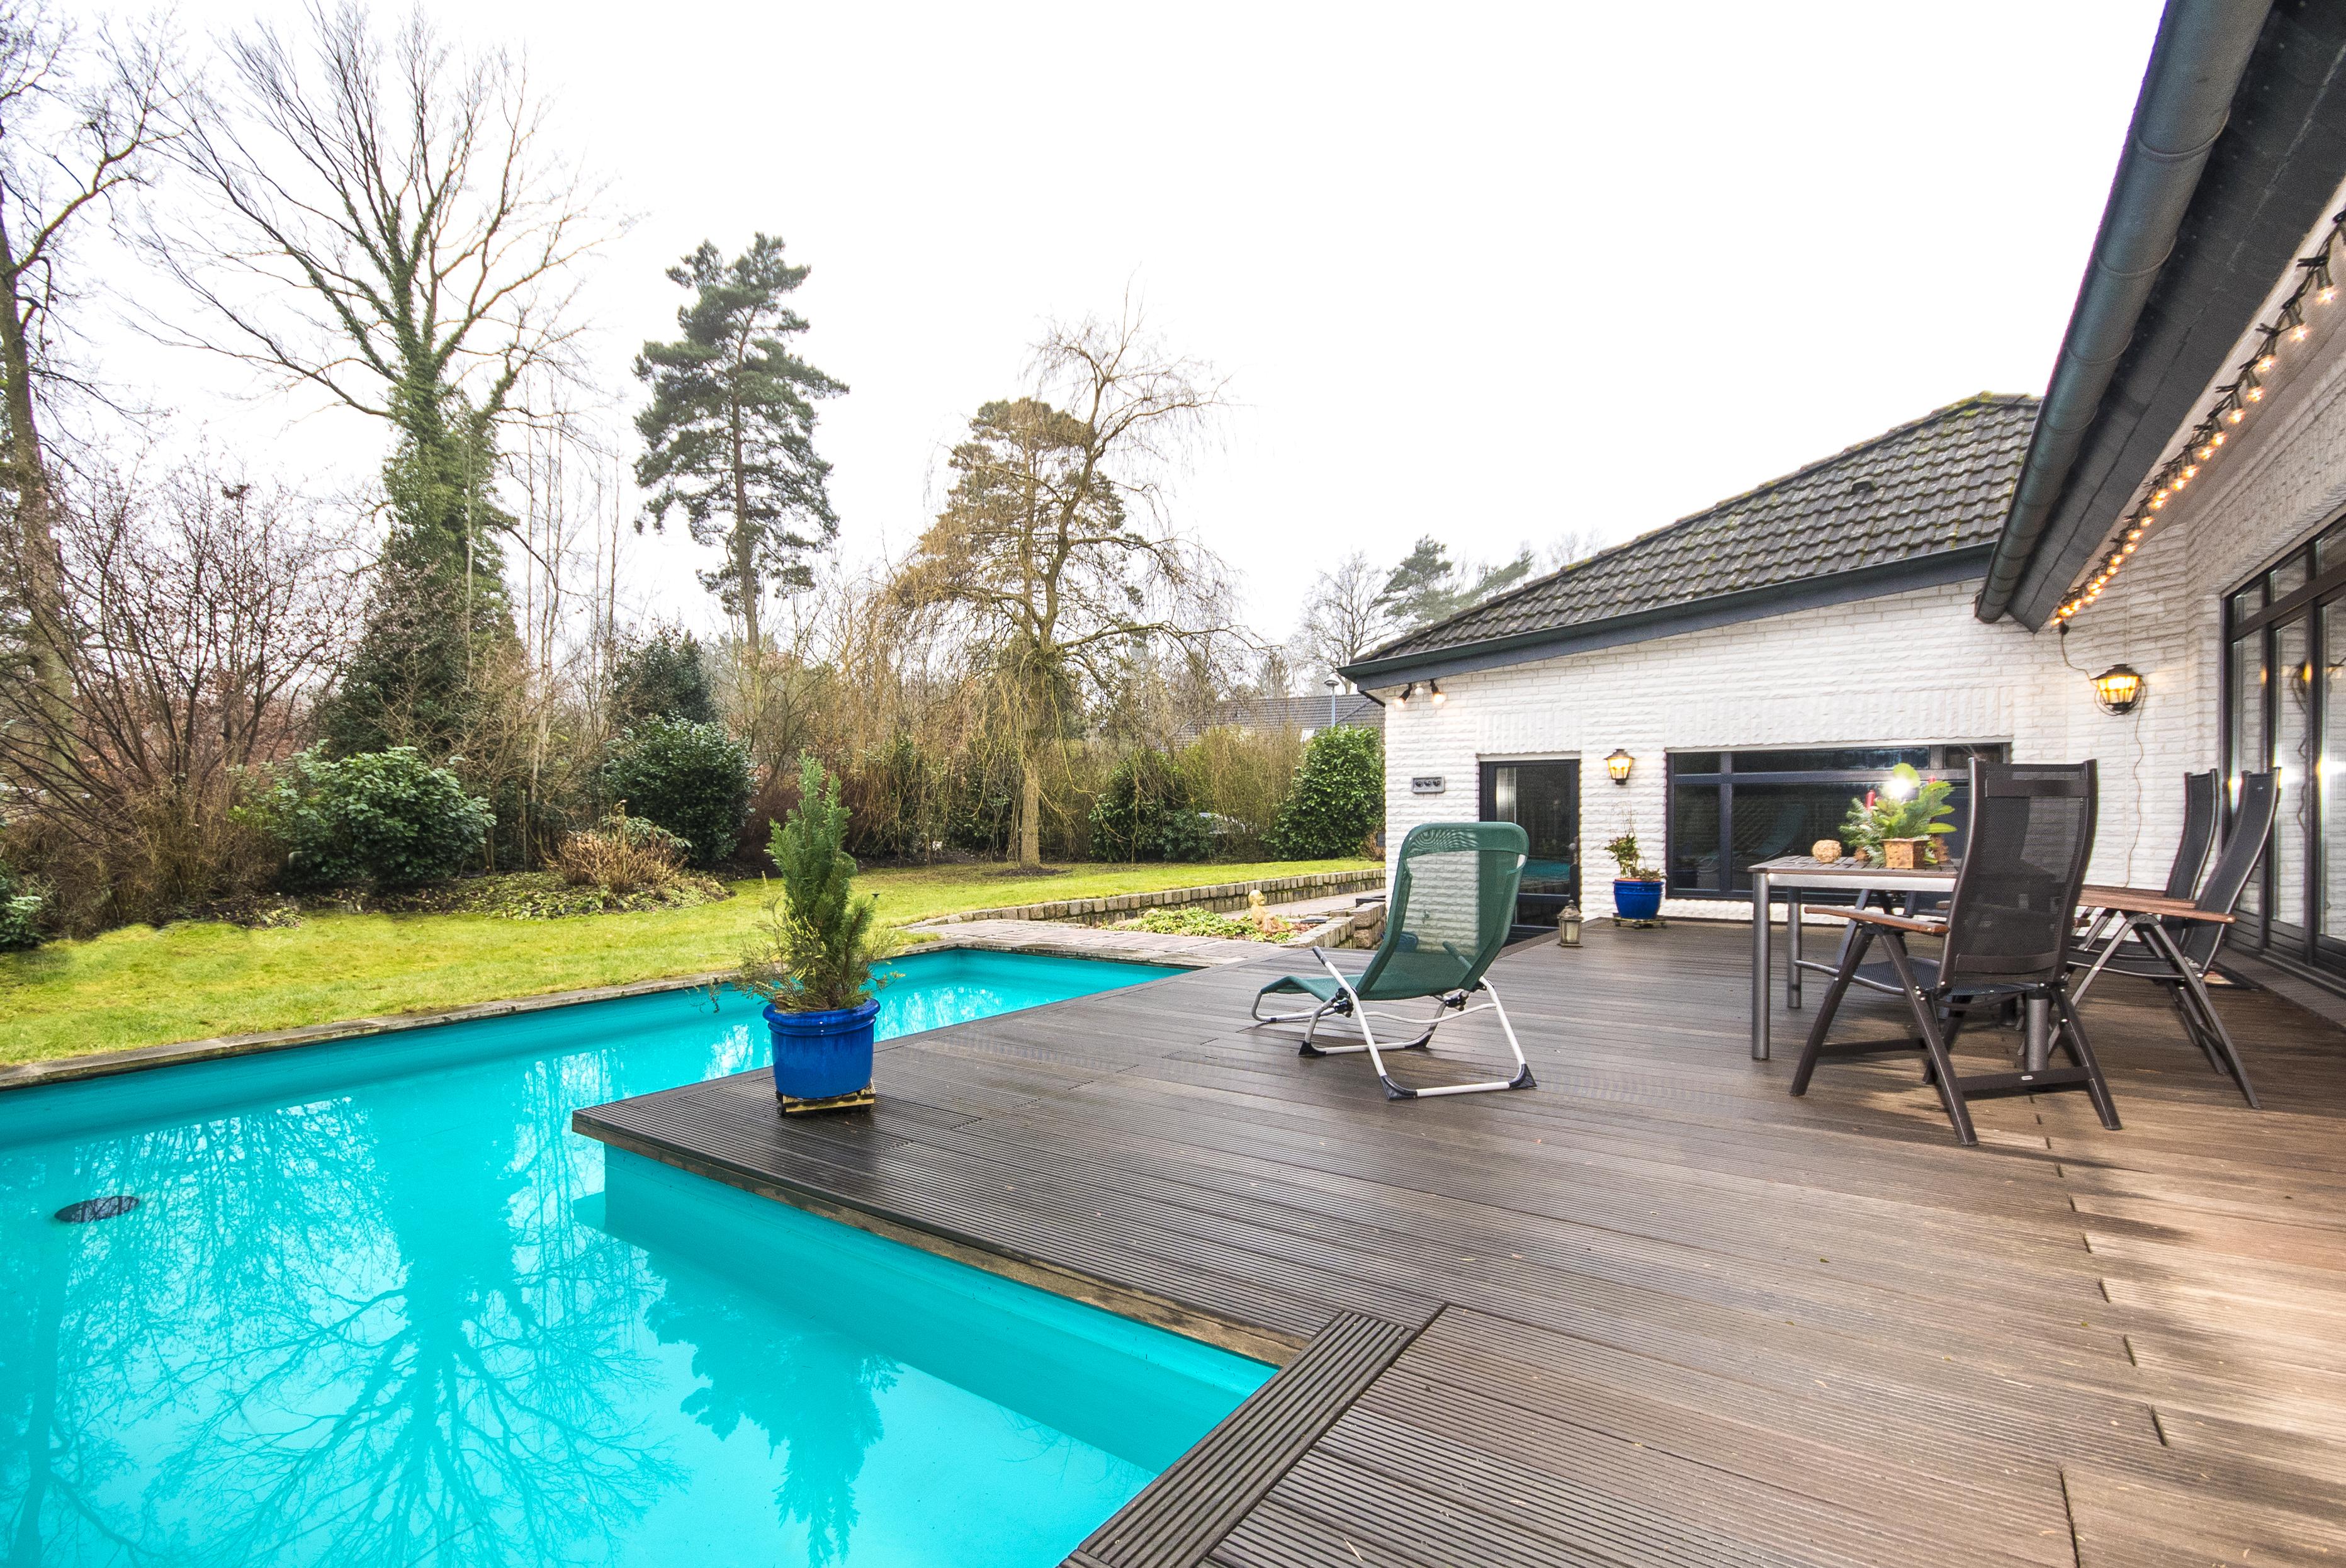 verkauft einfamilienhaus mit schwimmbad in 21521 dassendorf thonhauser immobilien trittau. Black Bedroom Furniture Sets. Home Design Ideas